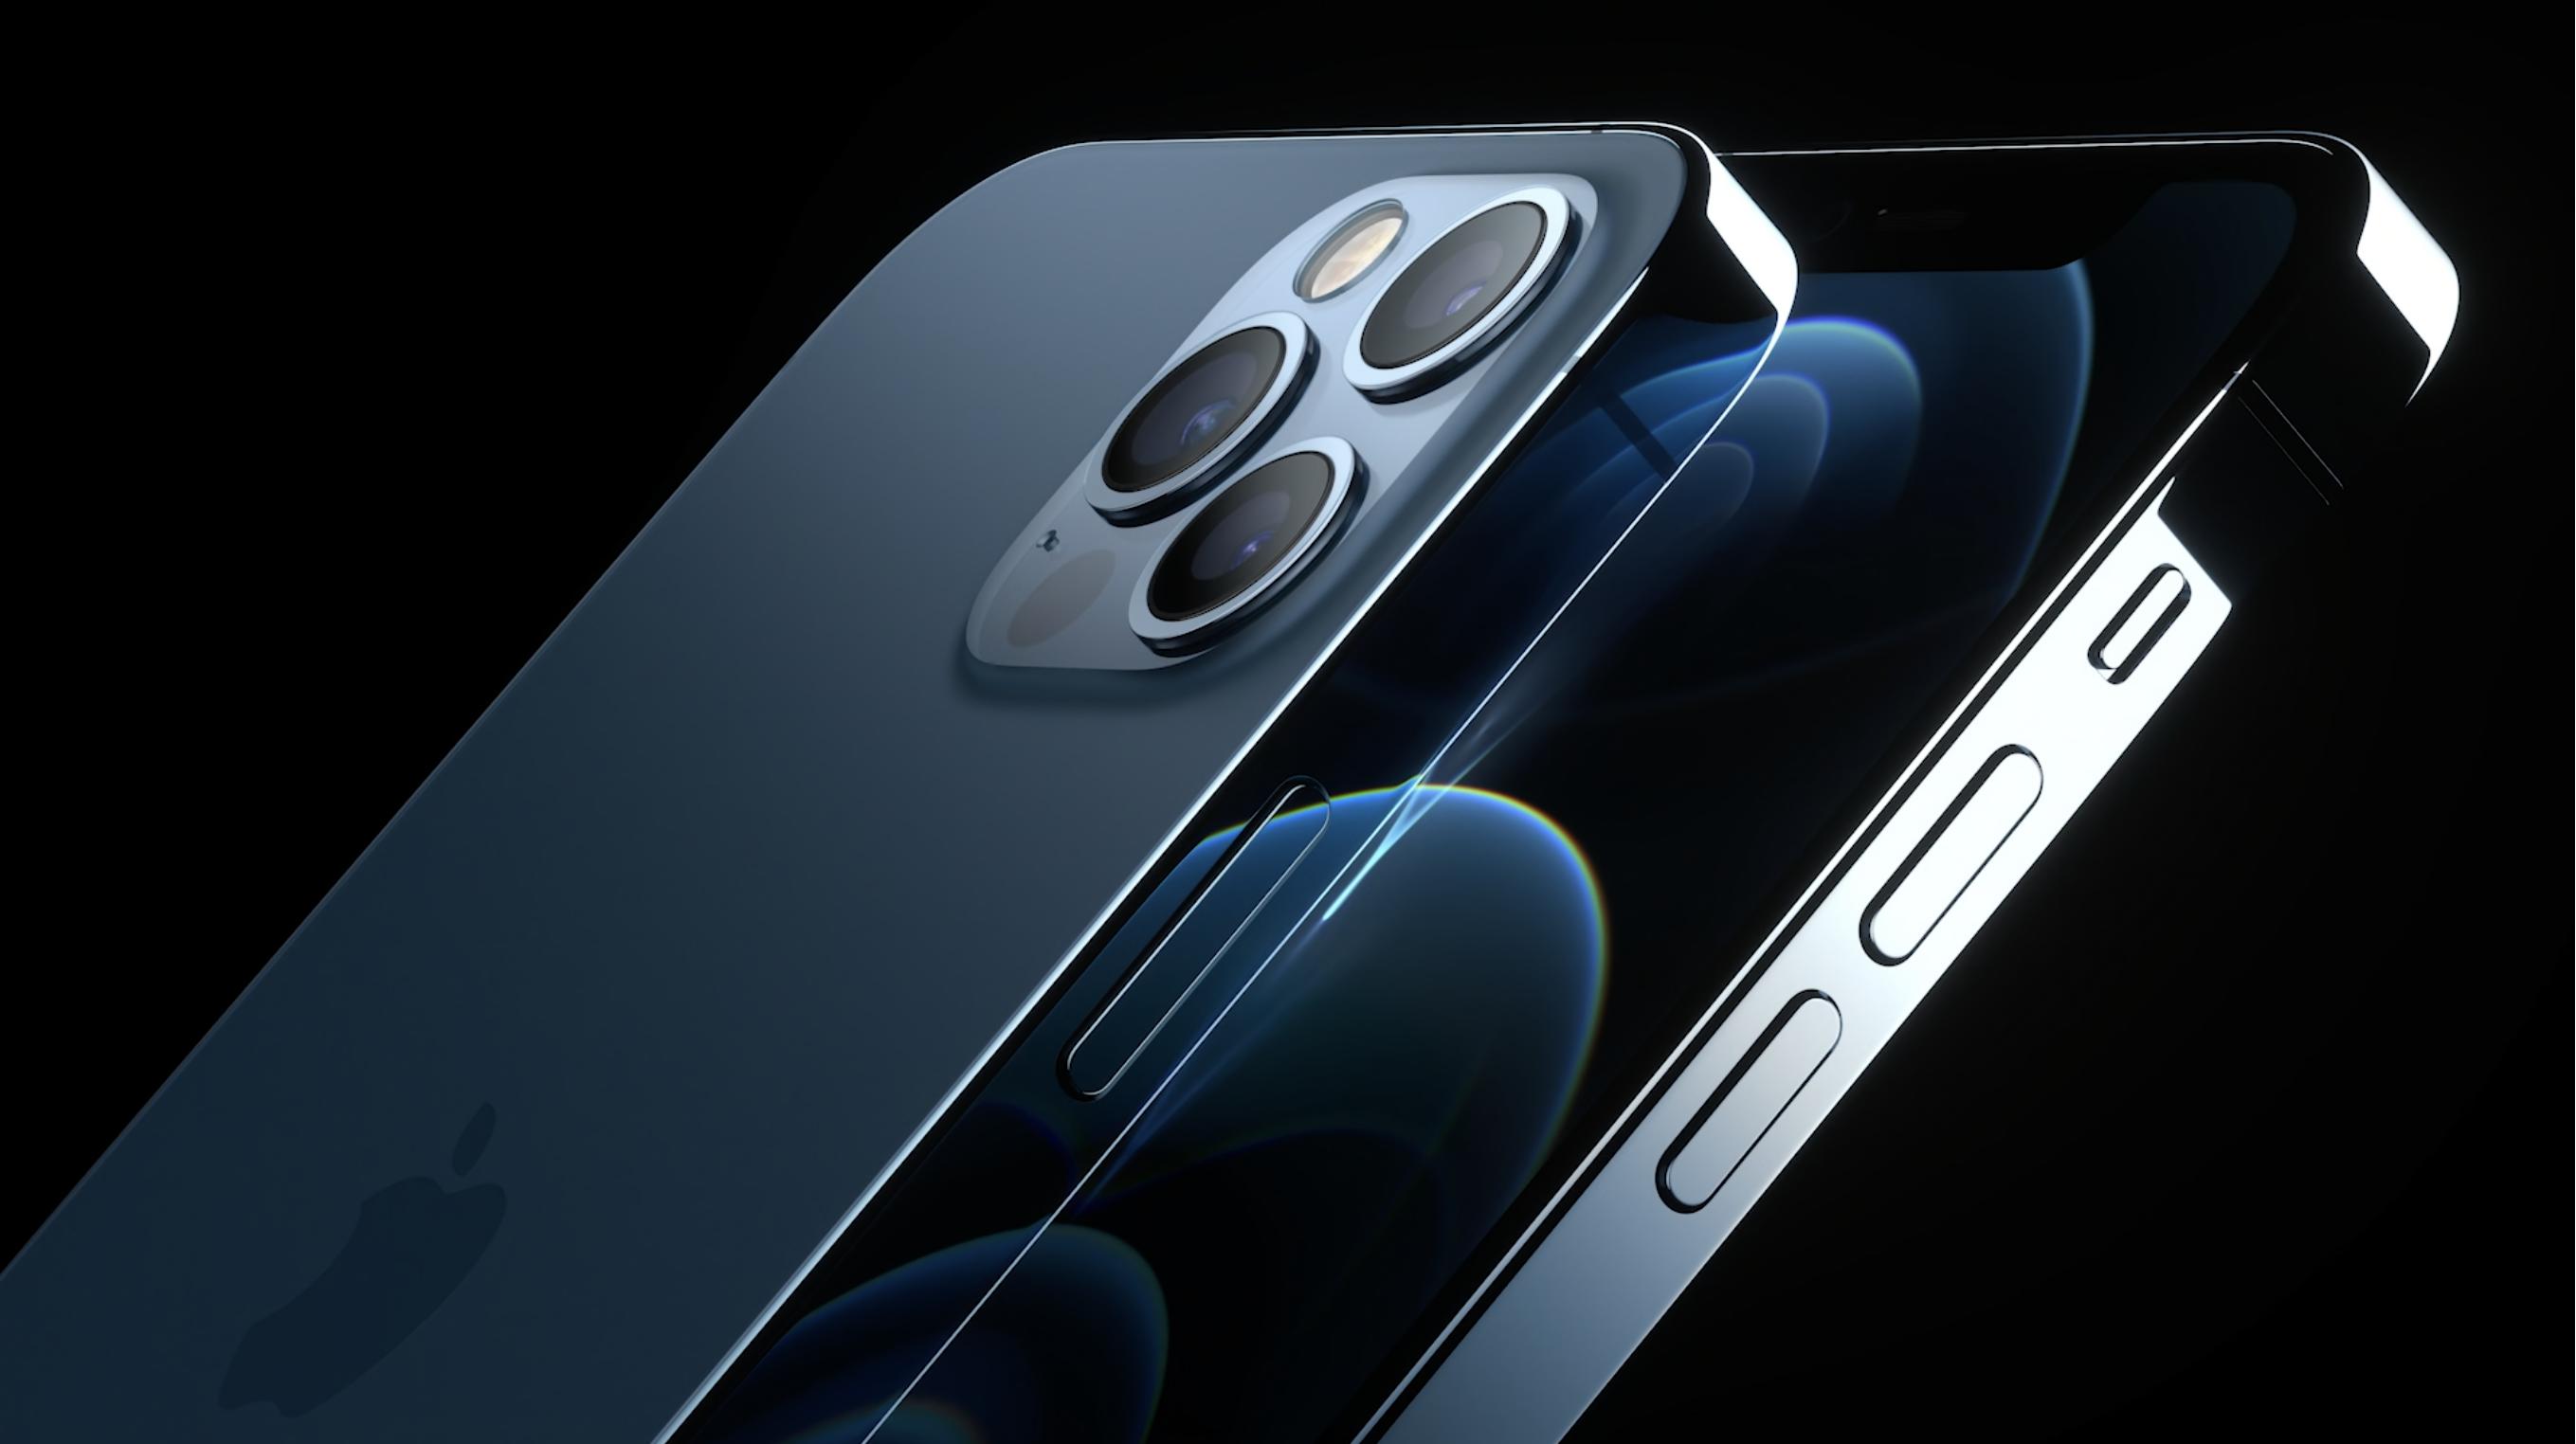 Iphone 12 pro max est 5g